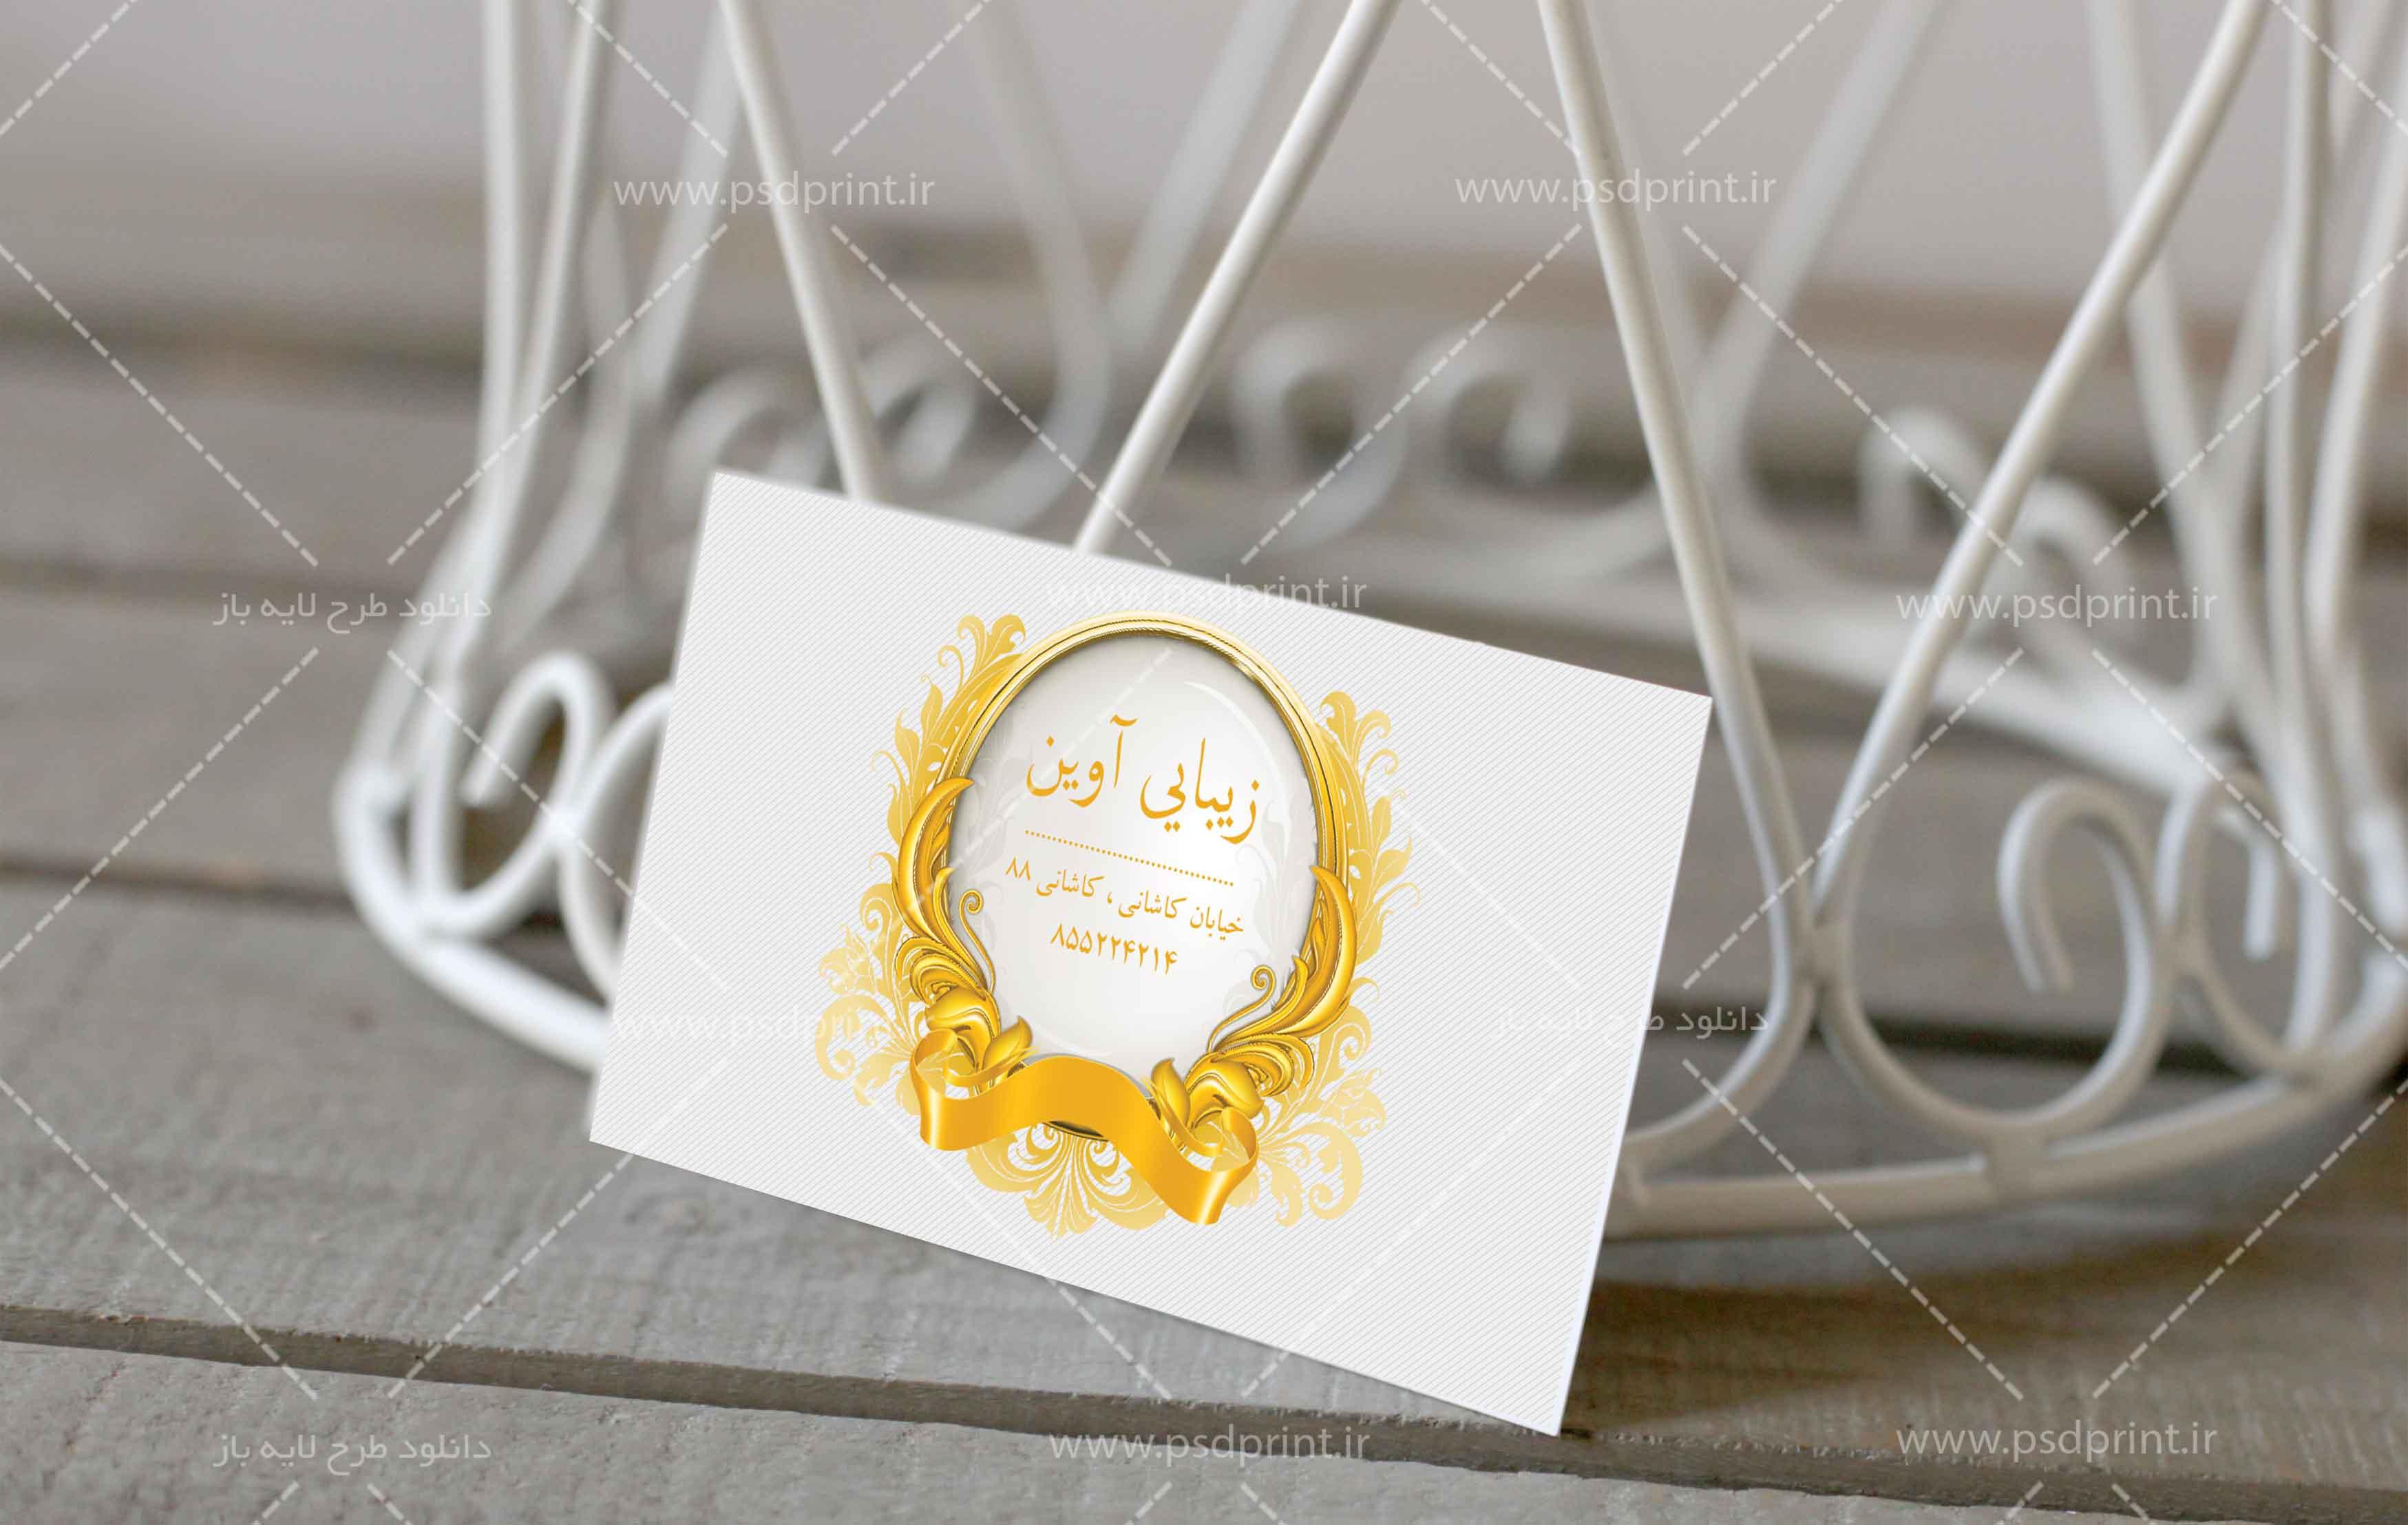 کارت ویزیت لایه باز سالن زیبایی بانوان طلایی